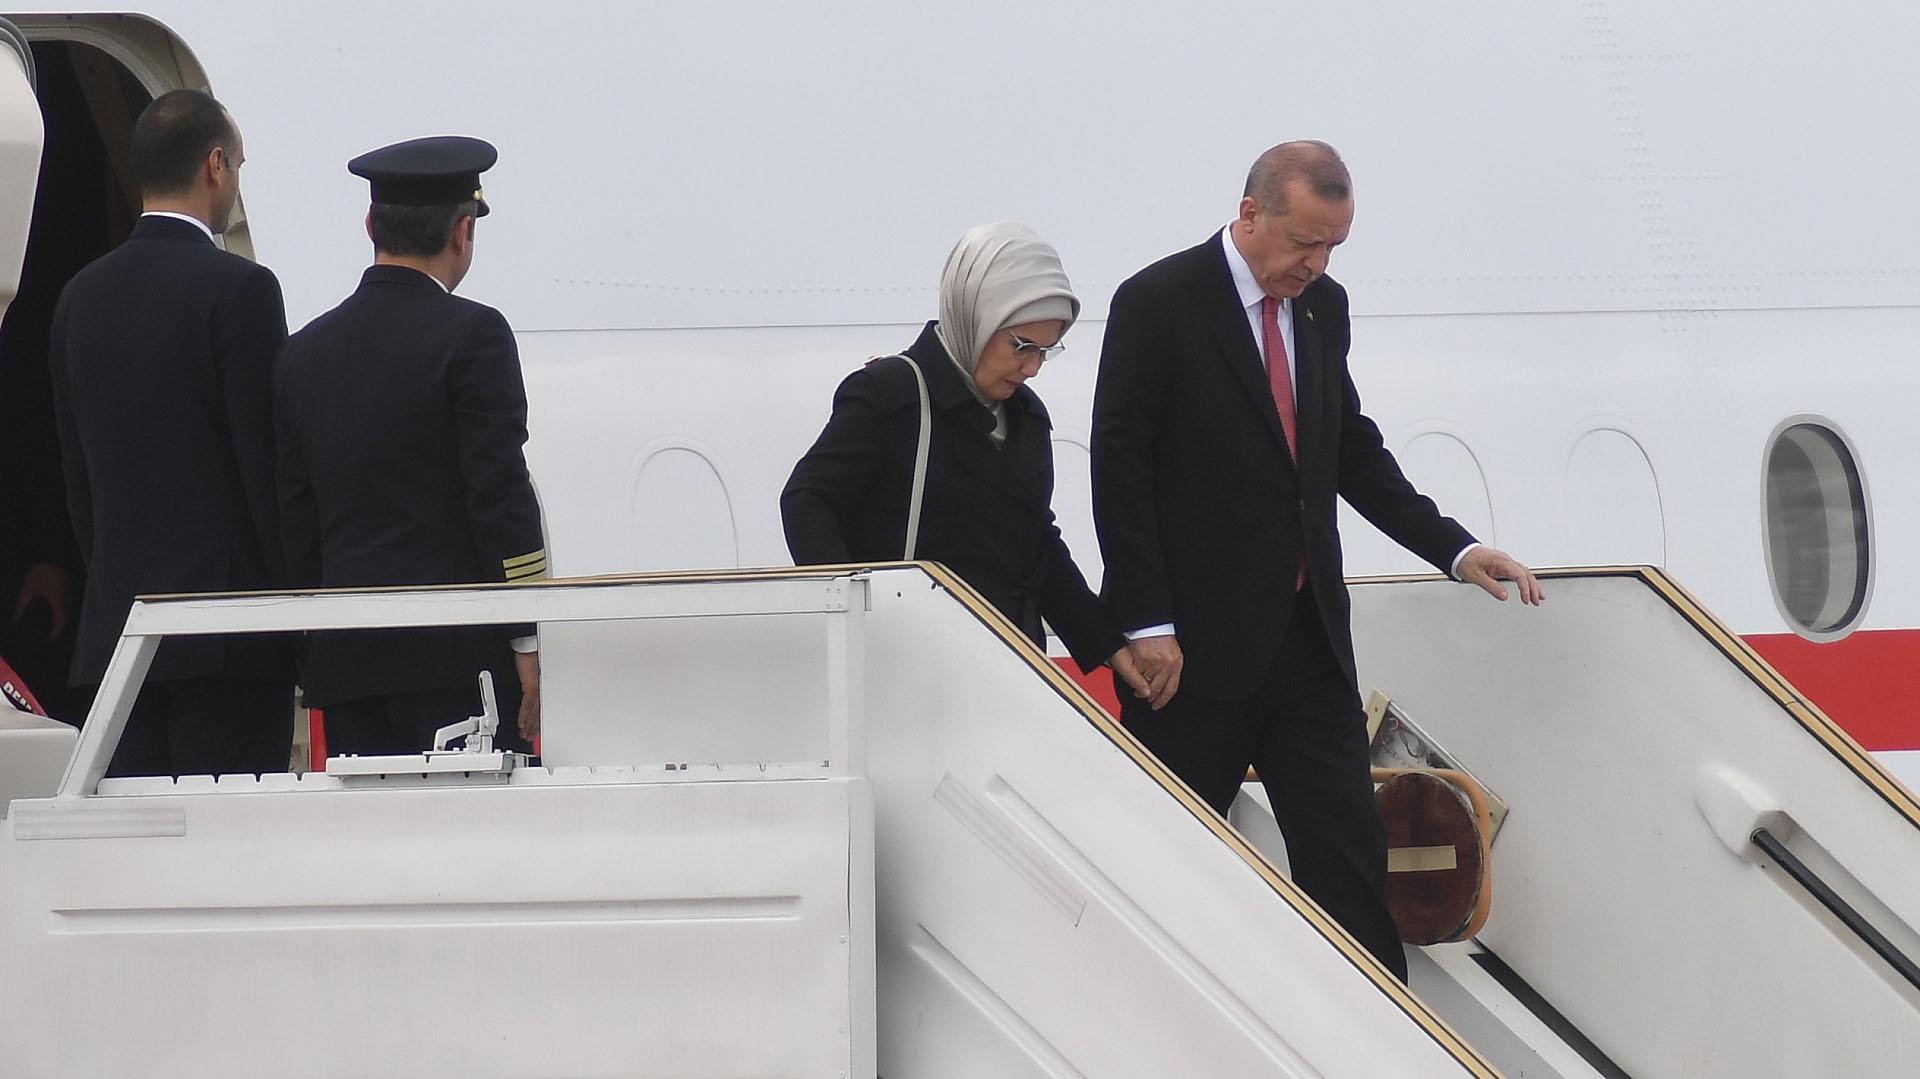 El presidente de Turquía, Recep Tayyip Erdogan, desciende del Boeing 747 oficial tras su arribo a Ezeiza